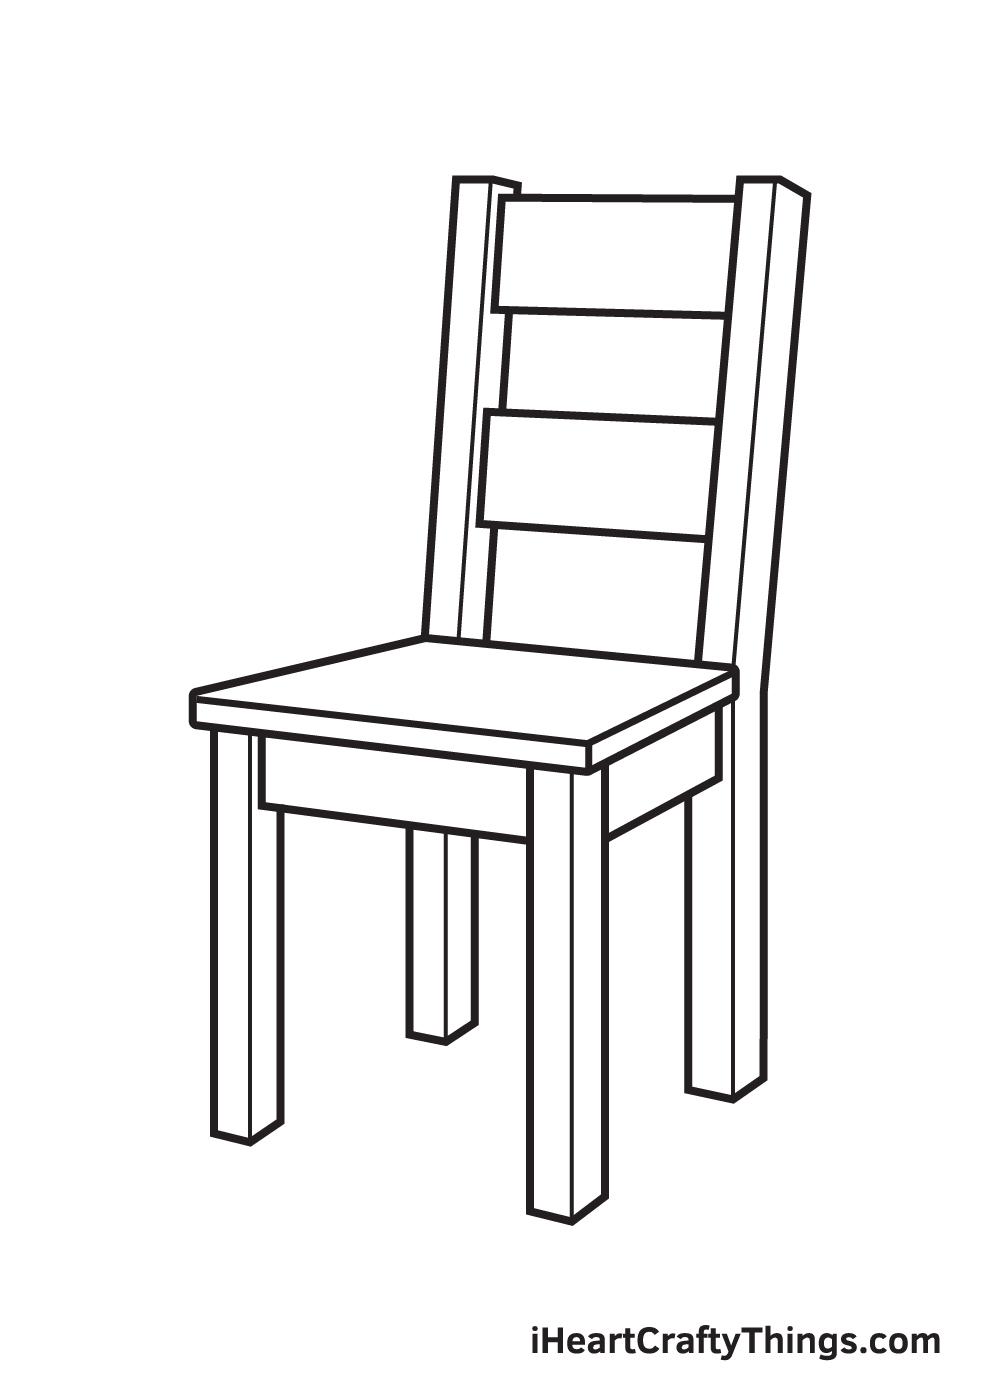 Vẽ ghế - Bước 8